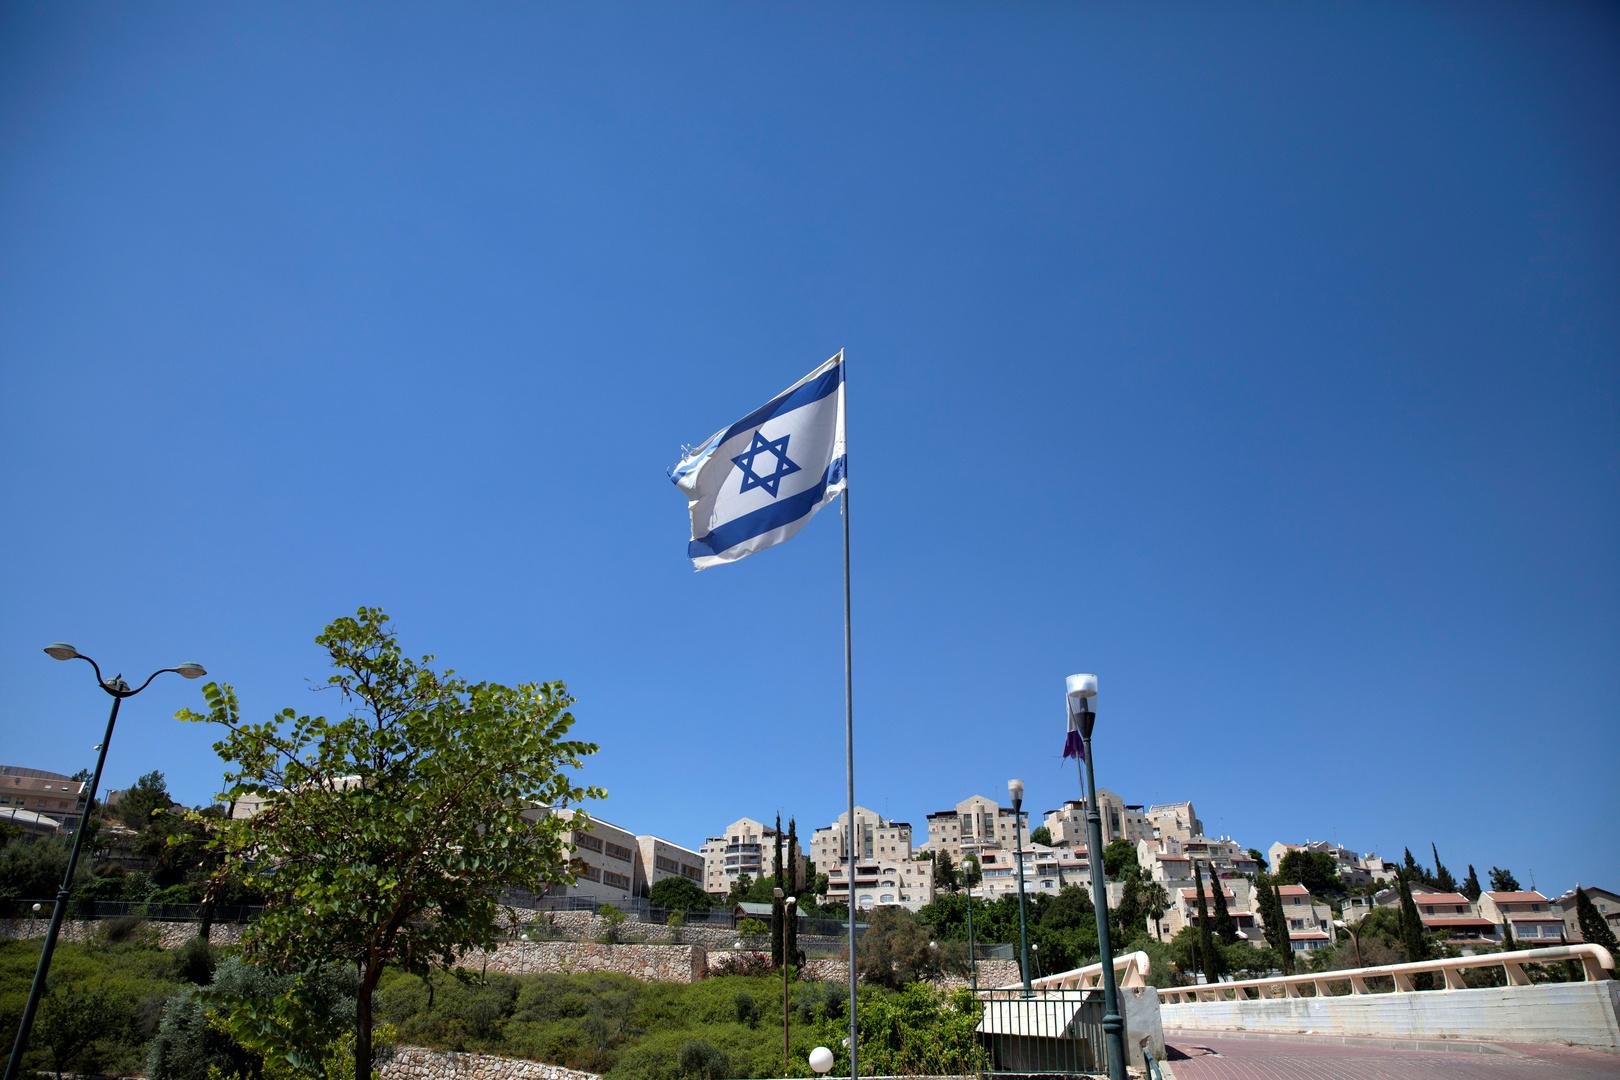 الجيش الإسرائيلي مهاجما حملات